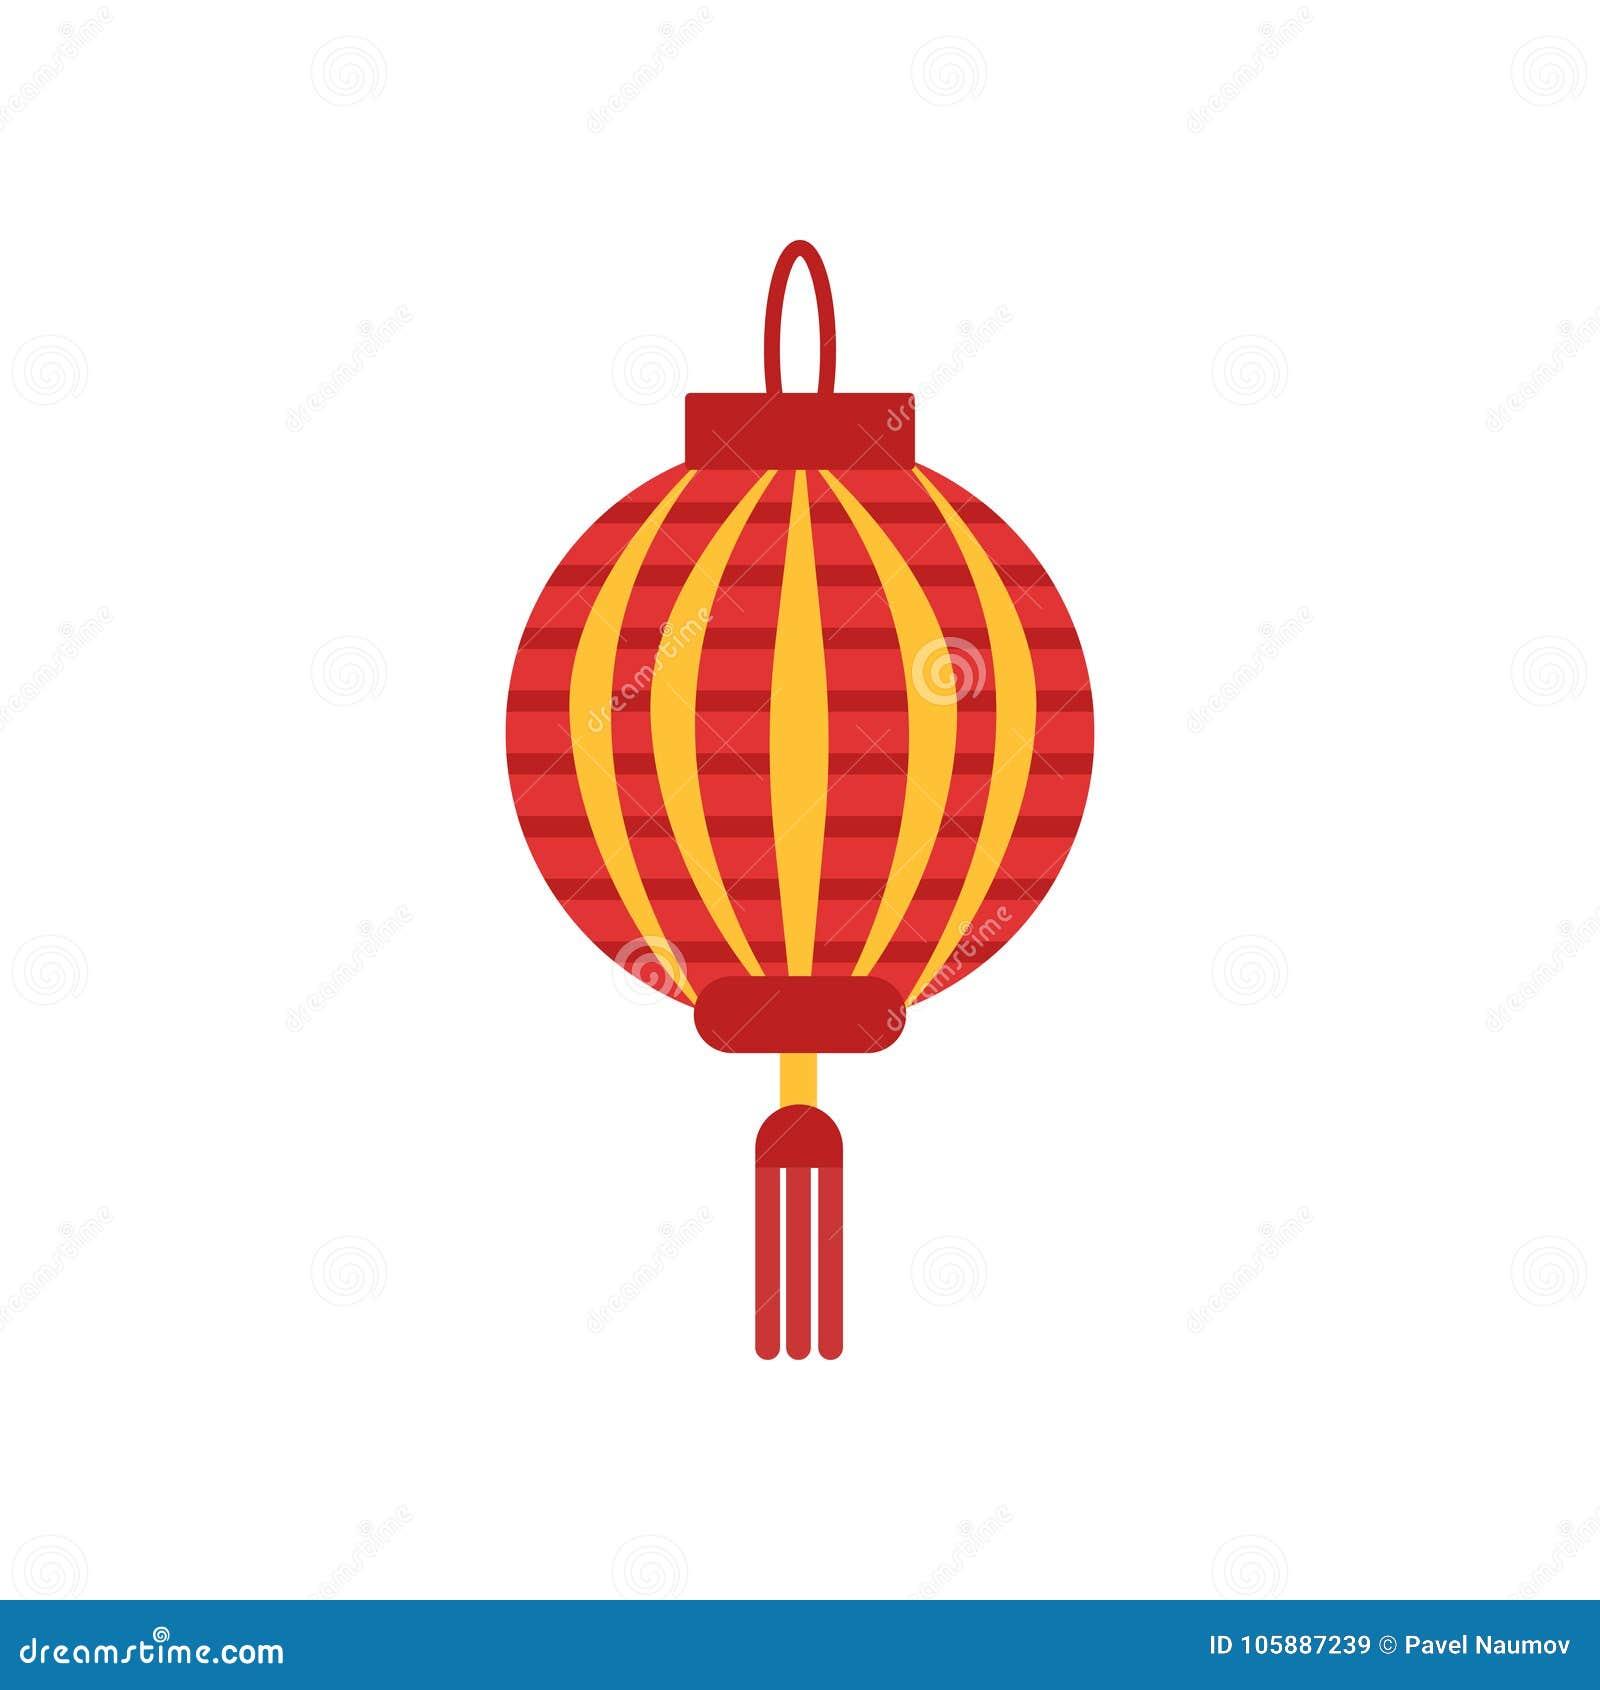 Lampadario Carta Cinese.Lanterna Di Carta Del Cinese Tradizionale Con Poca Nappa